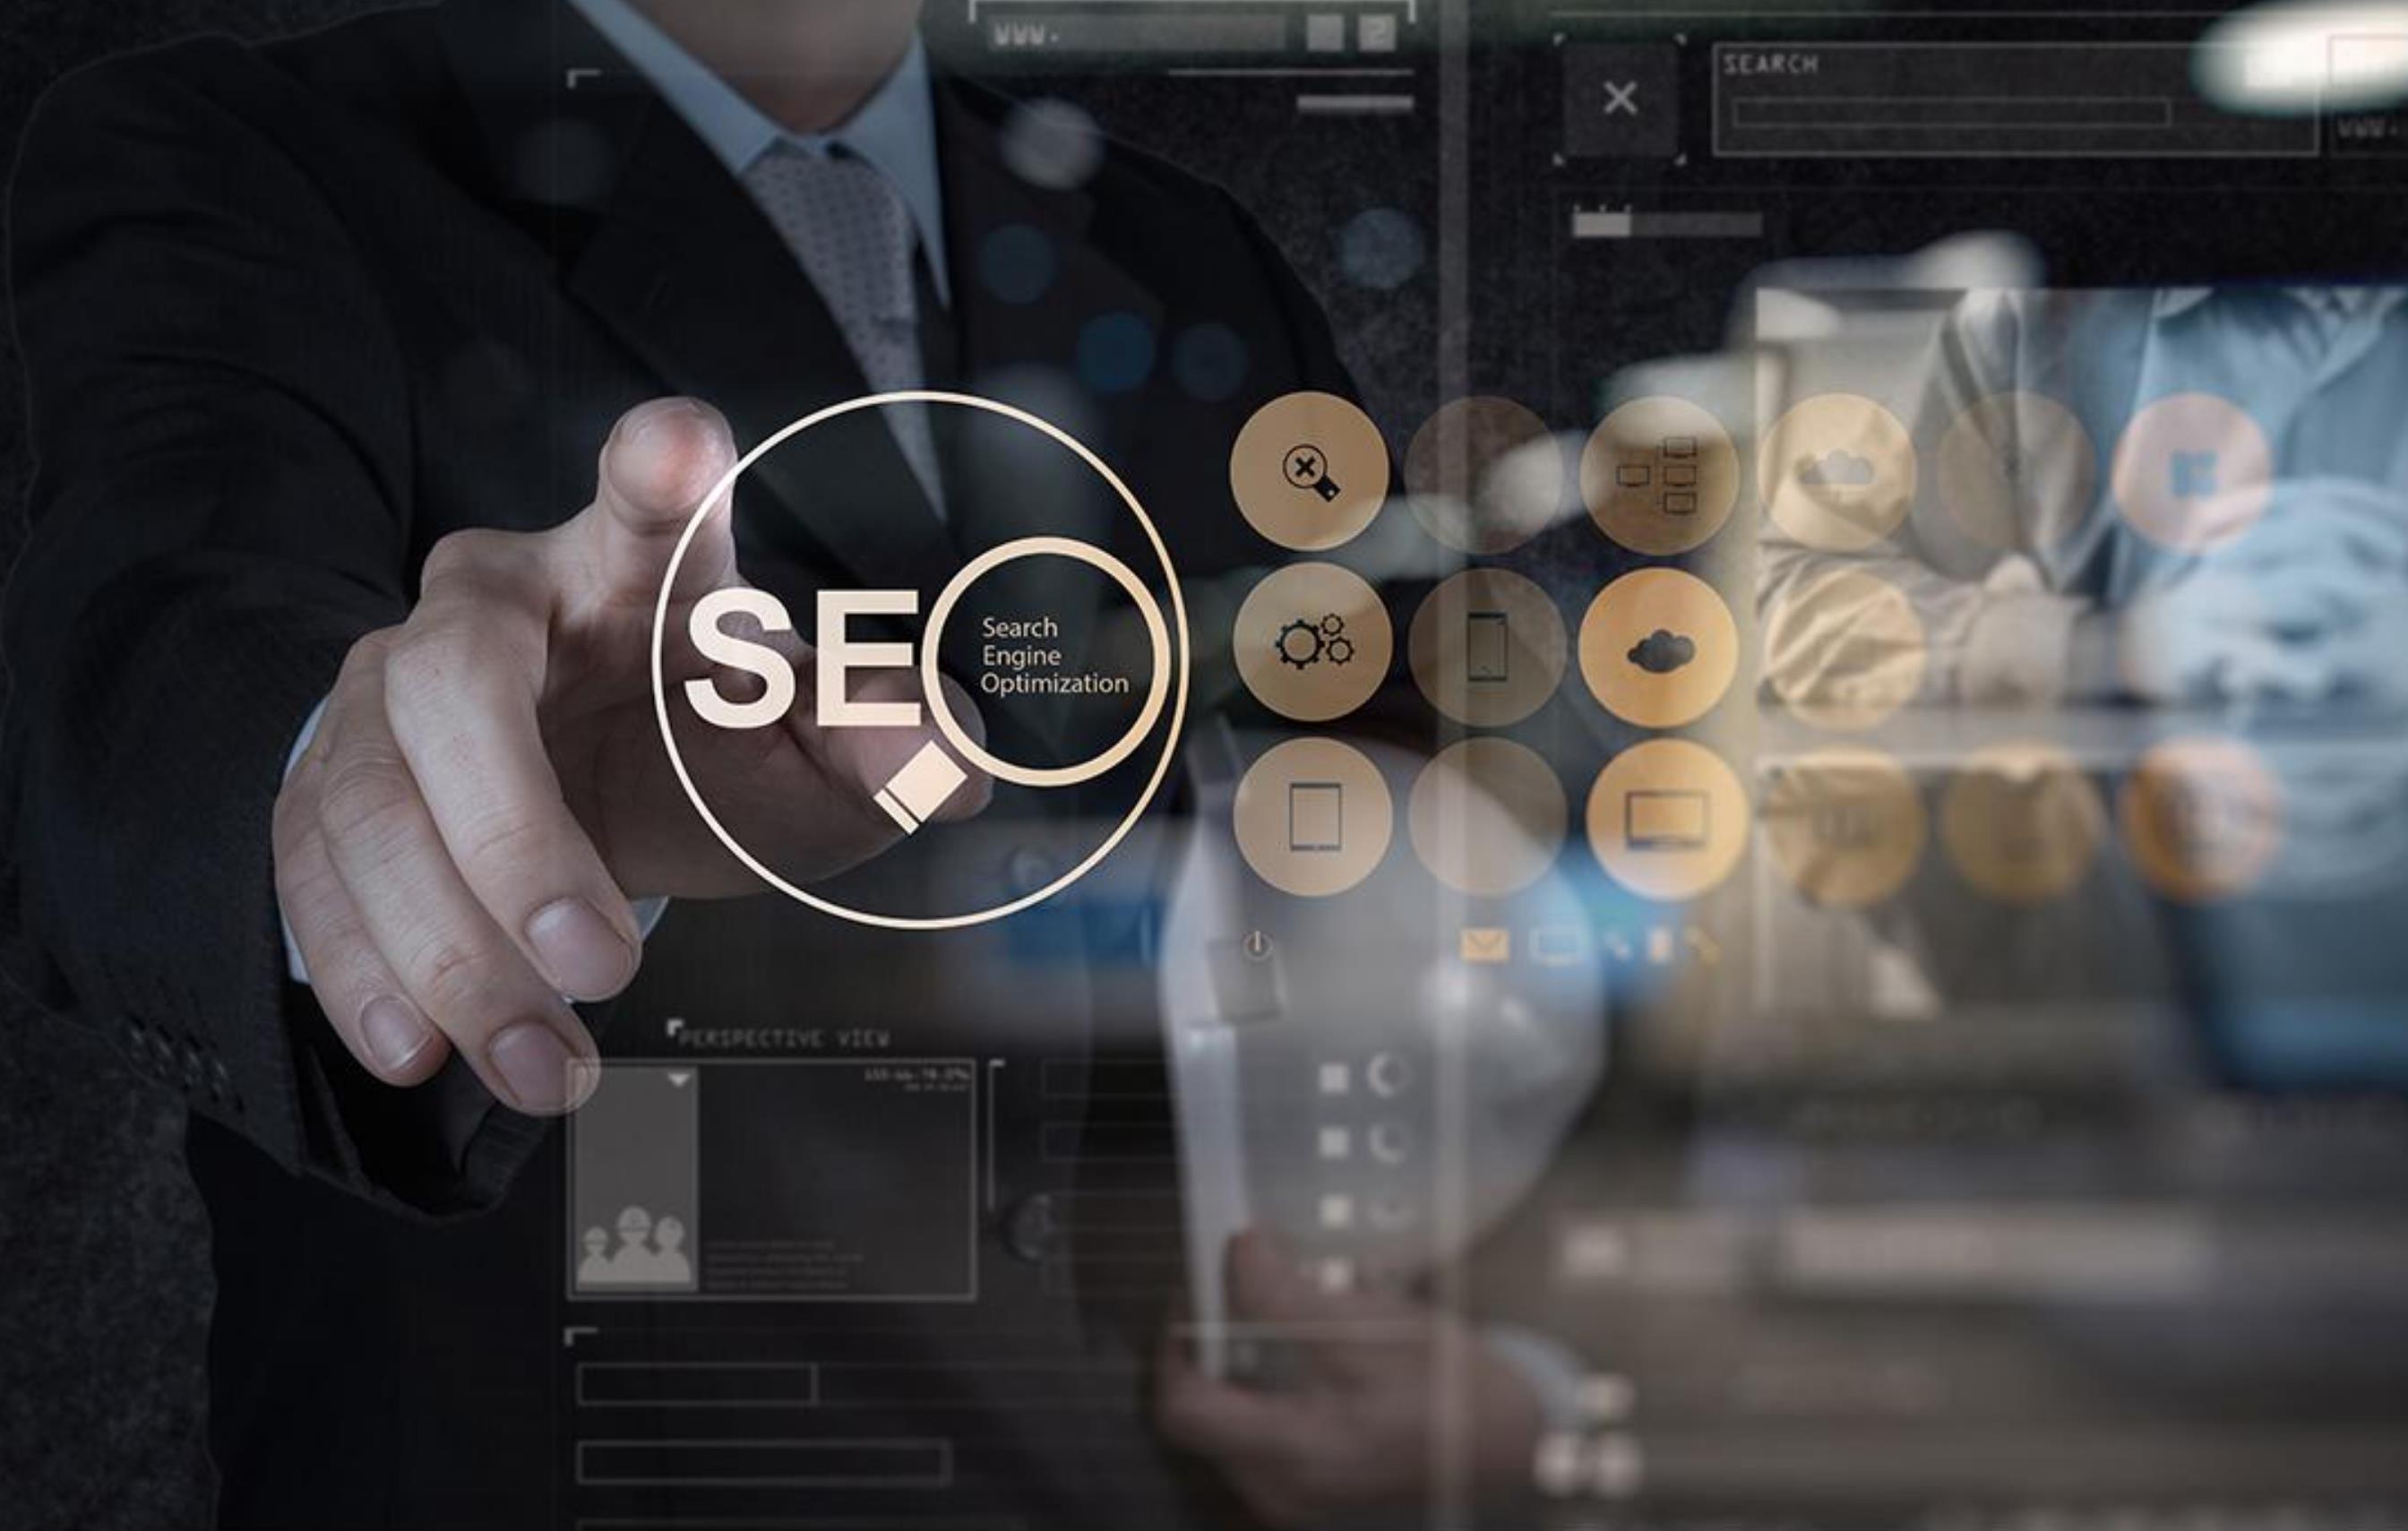 搜索引擎(SEO)的排名规则是什么?